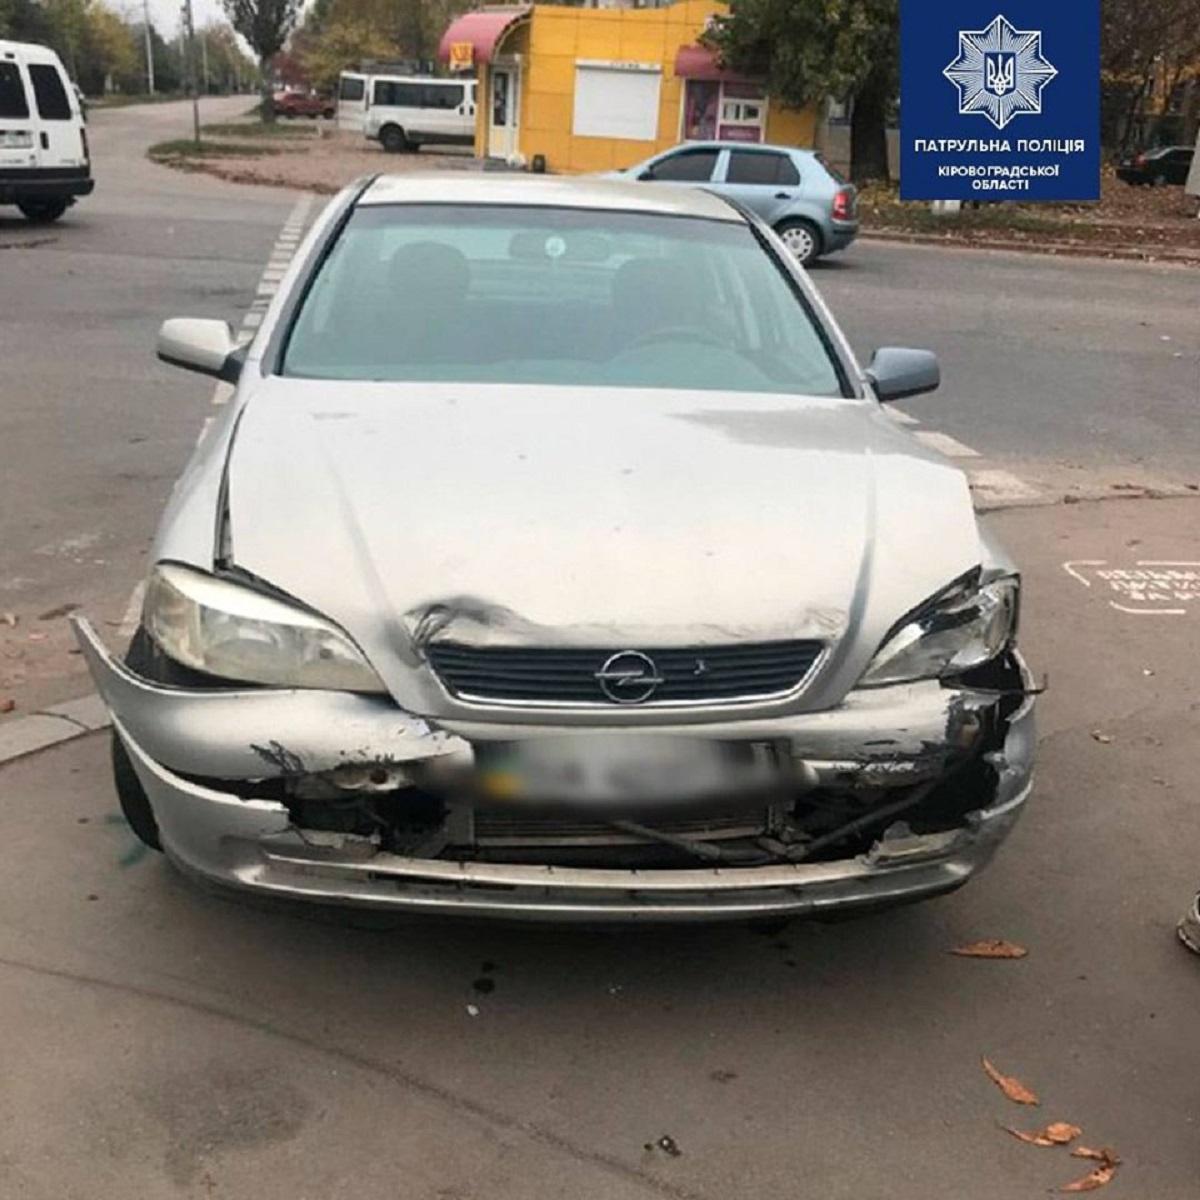 Без Купюр У Кропивницькому, після скоєння ДТП, водій намагався уникнути відповідальності За кермом  Патрульна поліція ДТП